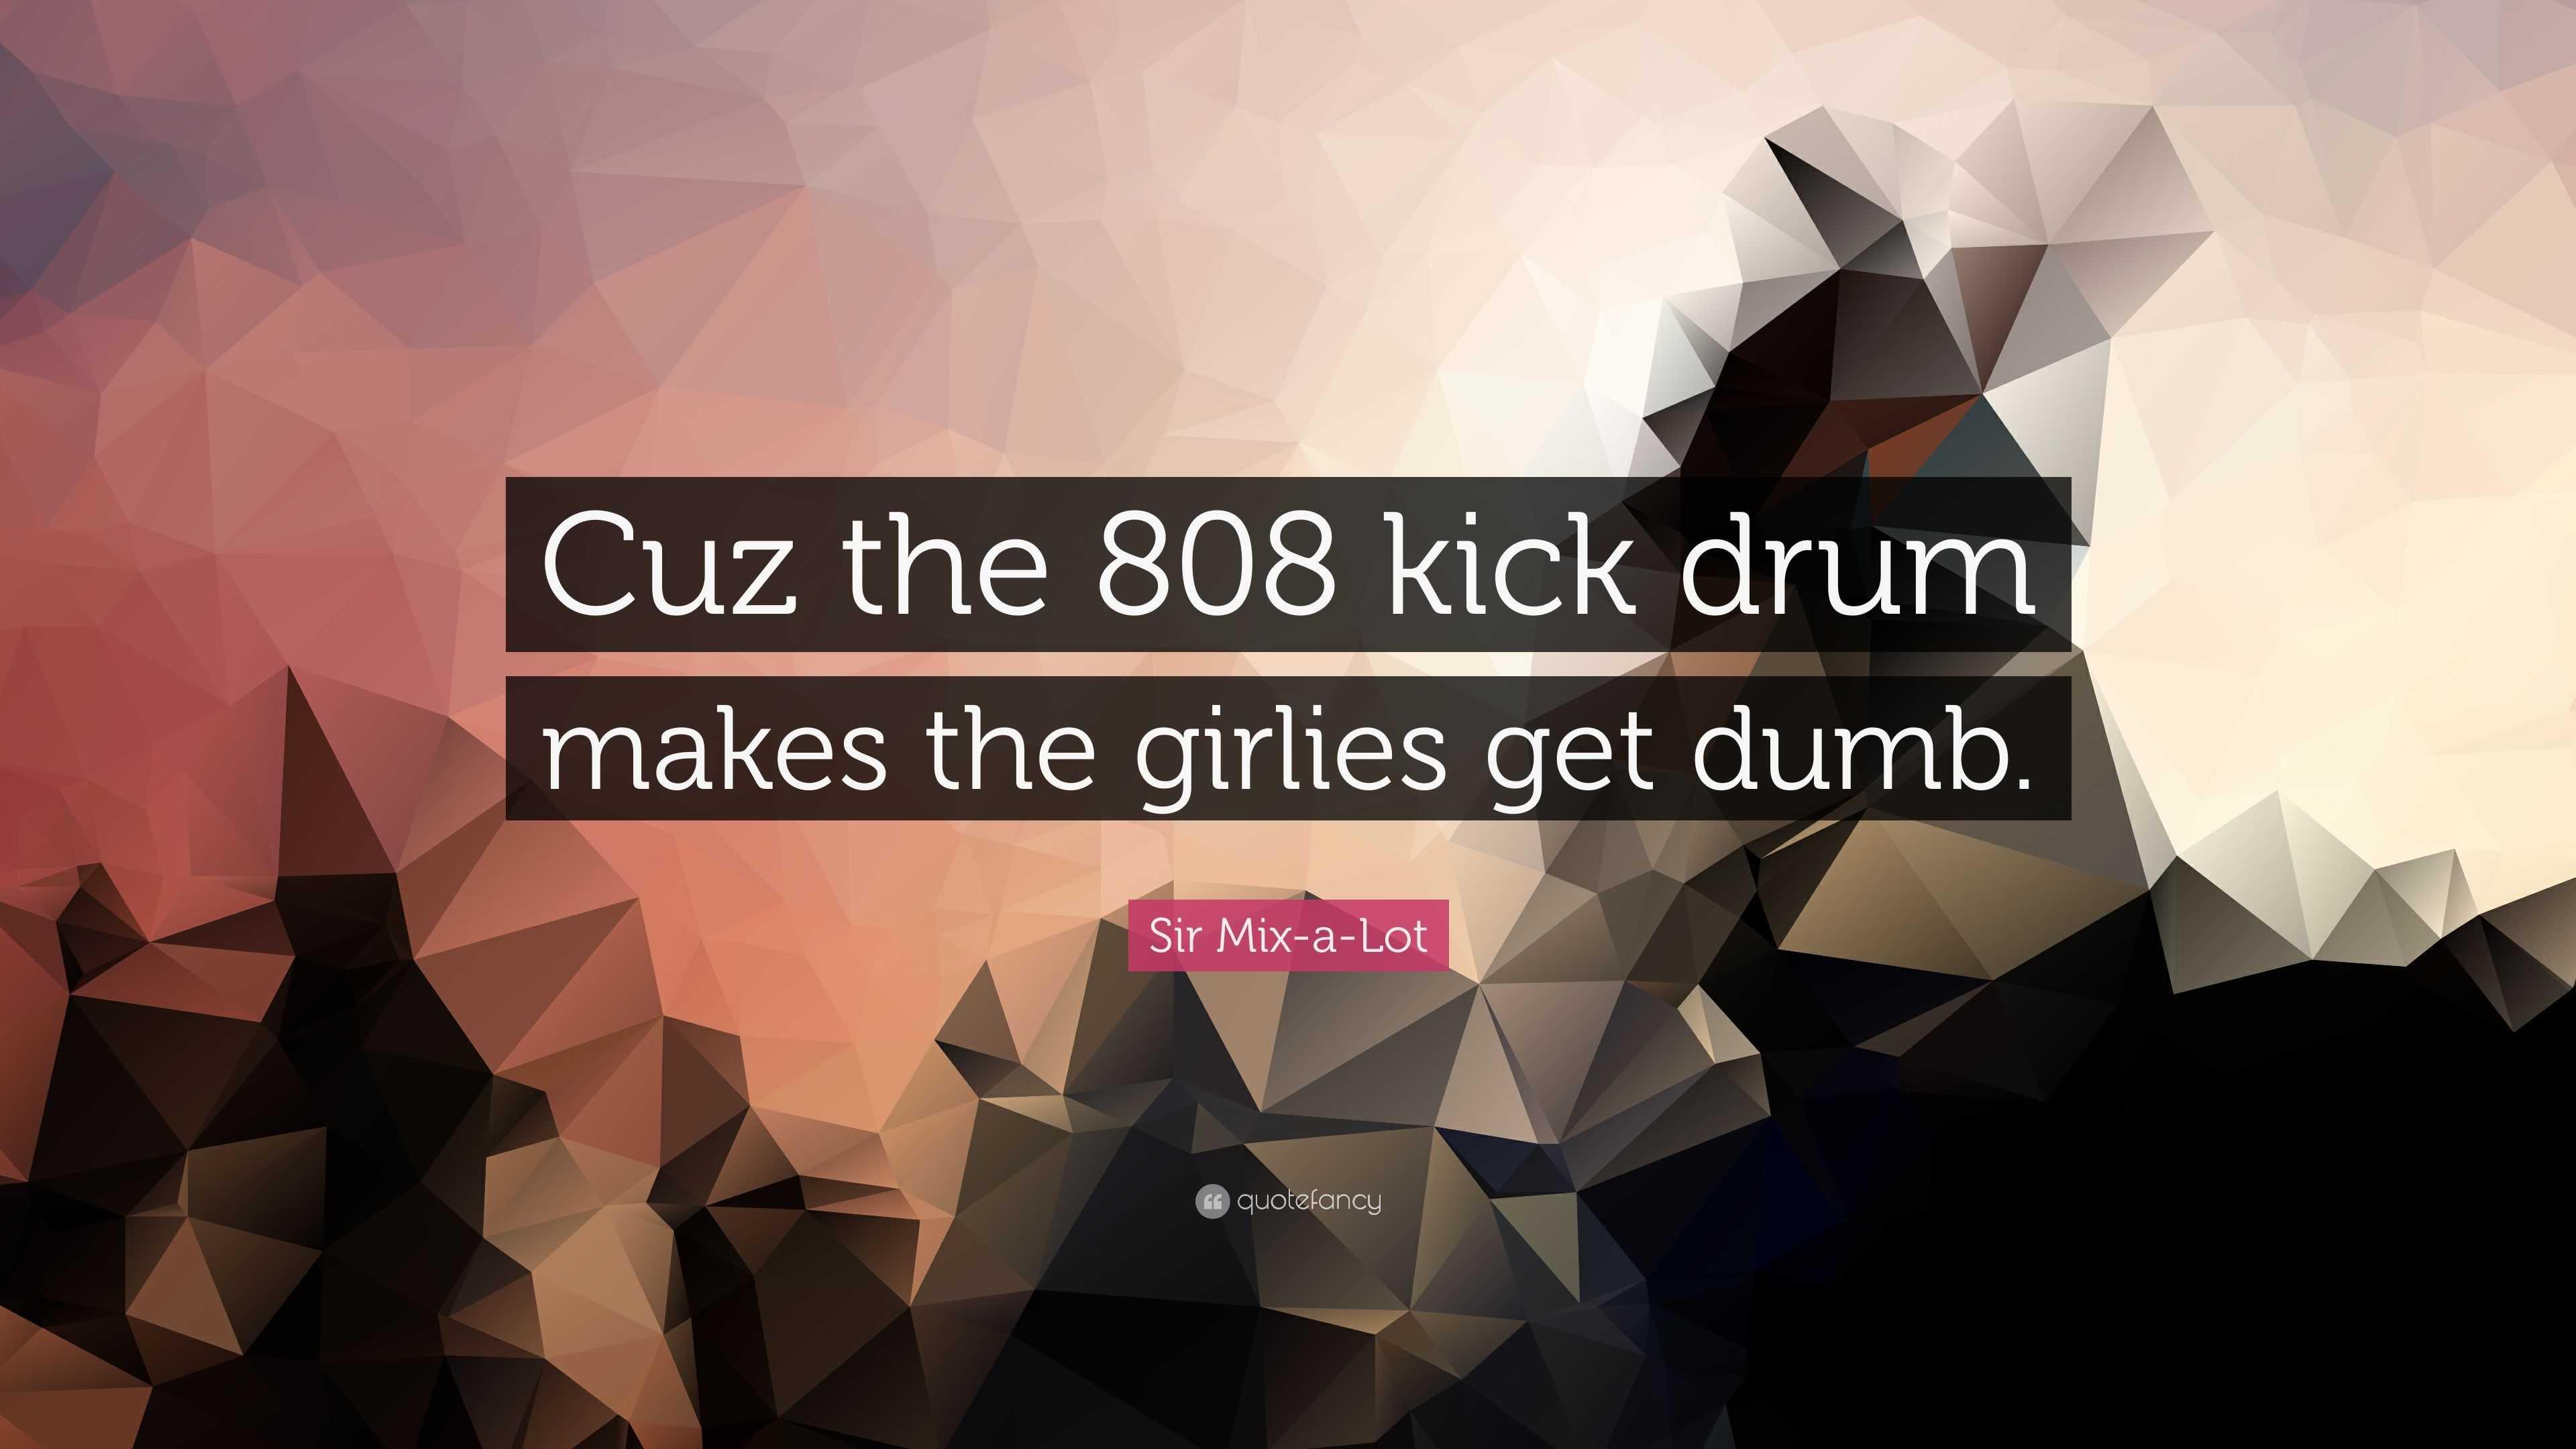 808 kick drum makes the girlies get dumb